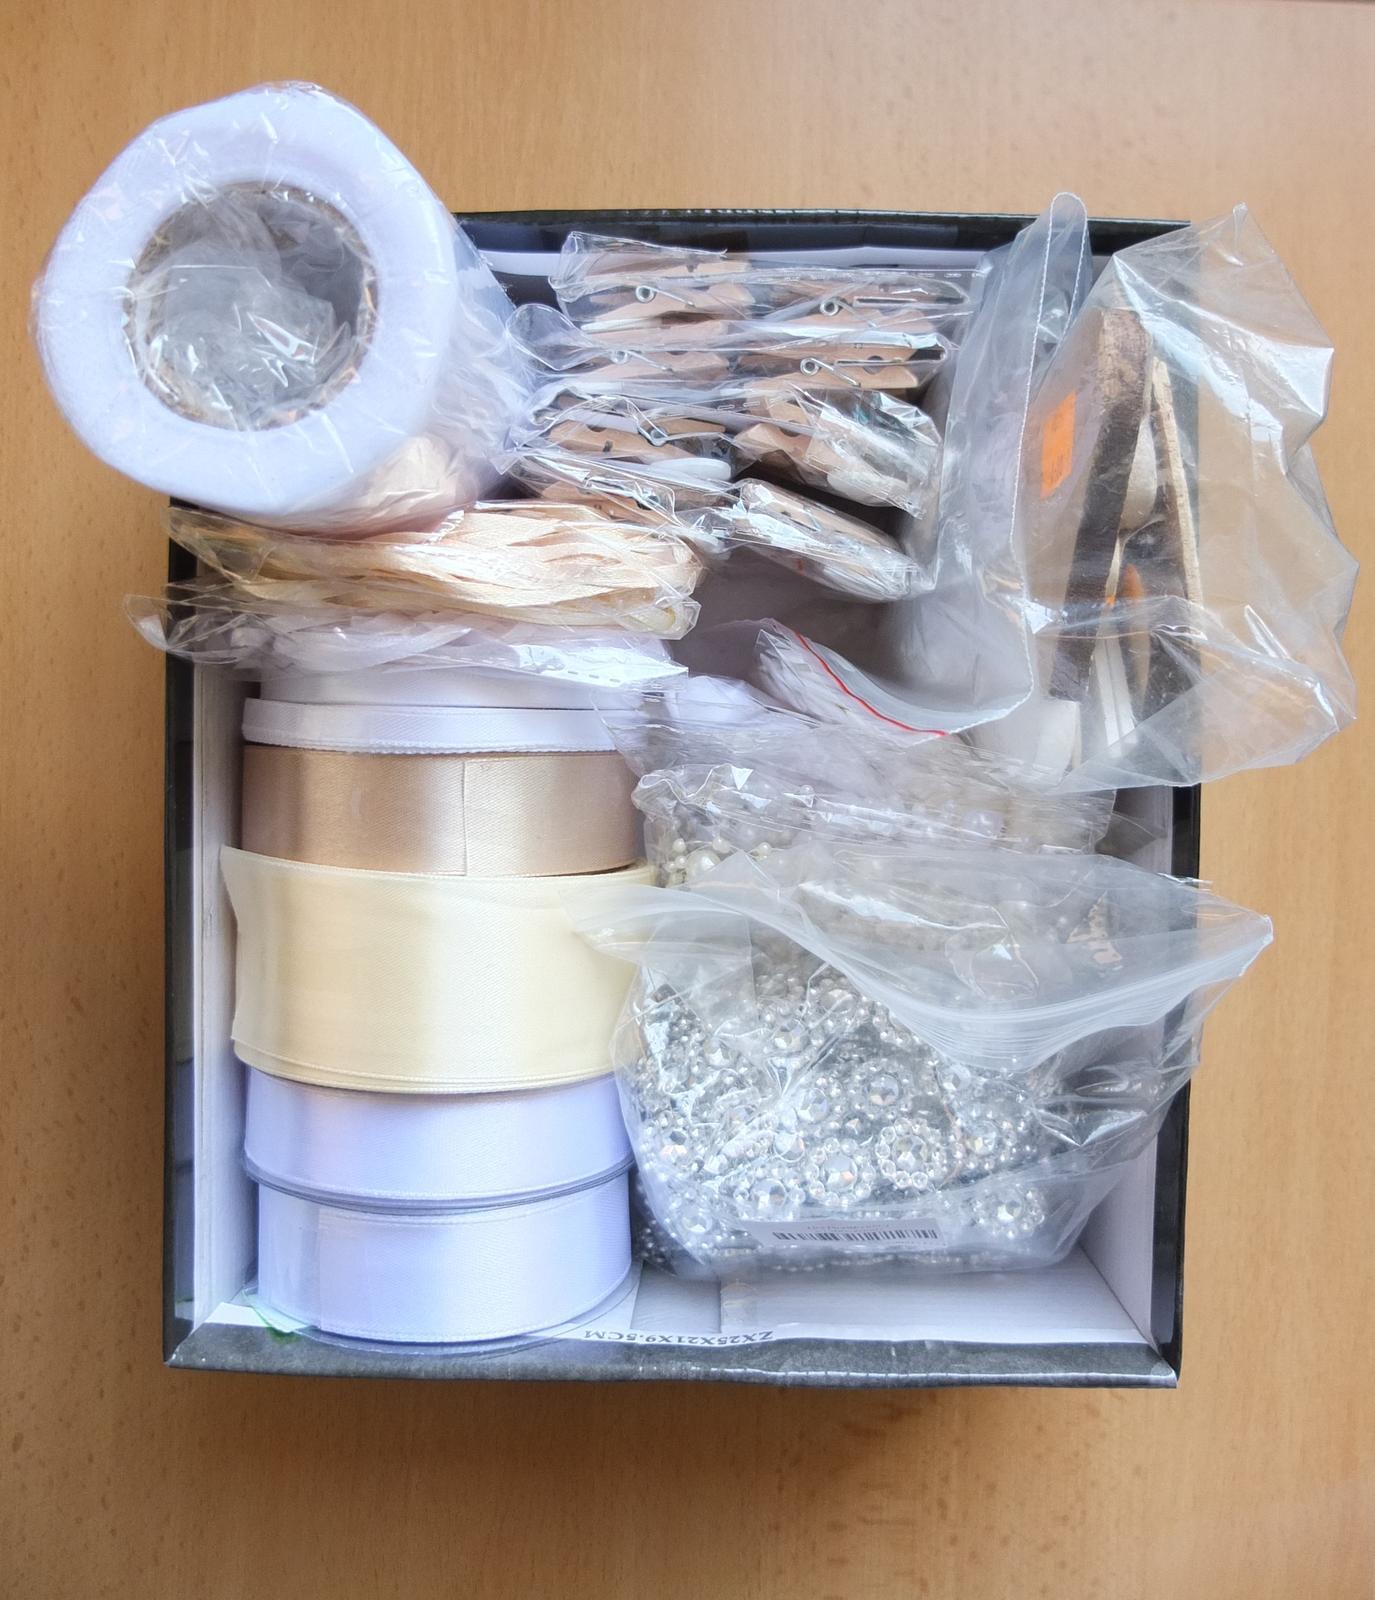 ♥ Prípravy v plnom prúde ♥ - Krabička dekoračných pomôcok